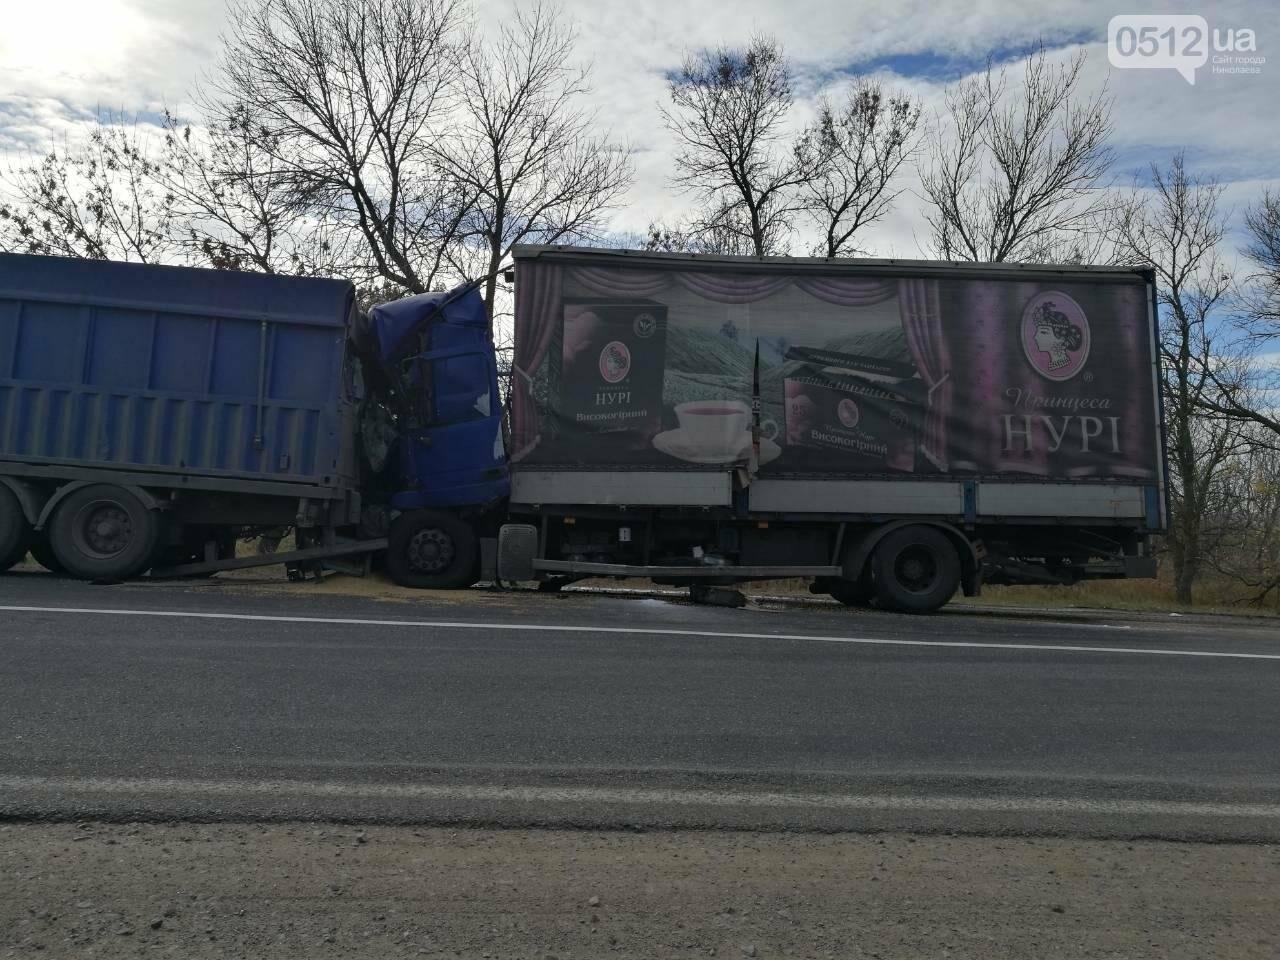 На Николаевщине столкнулись две фуры: есть погибший, - ФОТО , фото-3